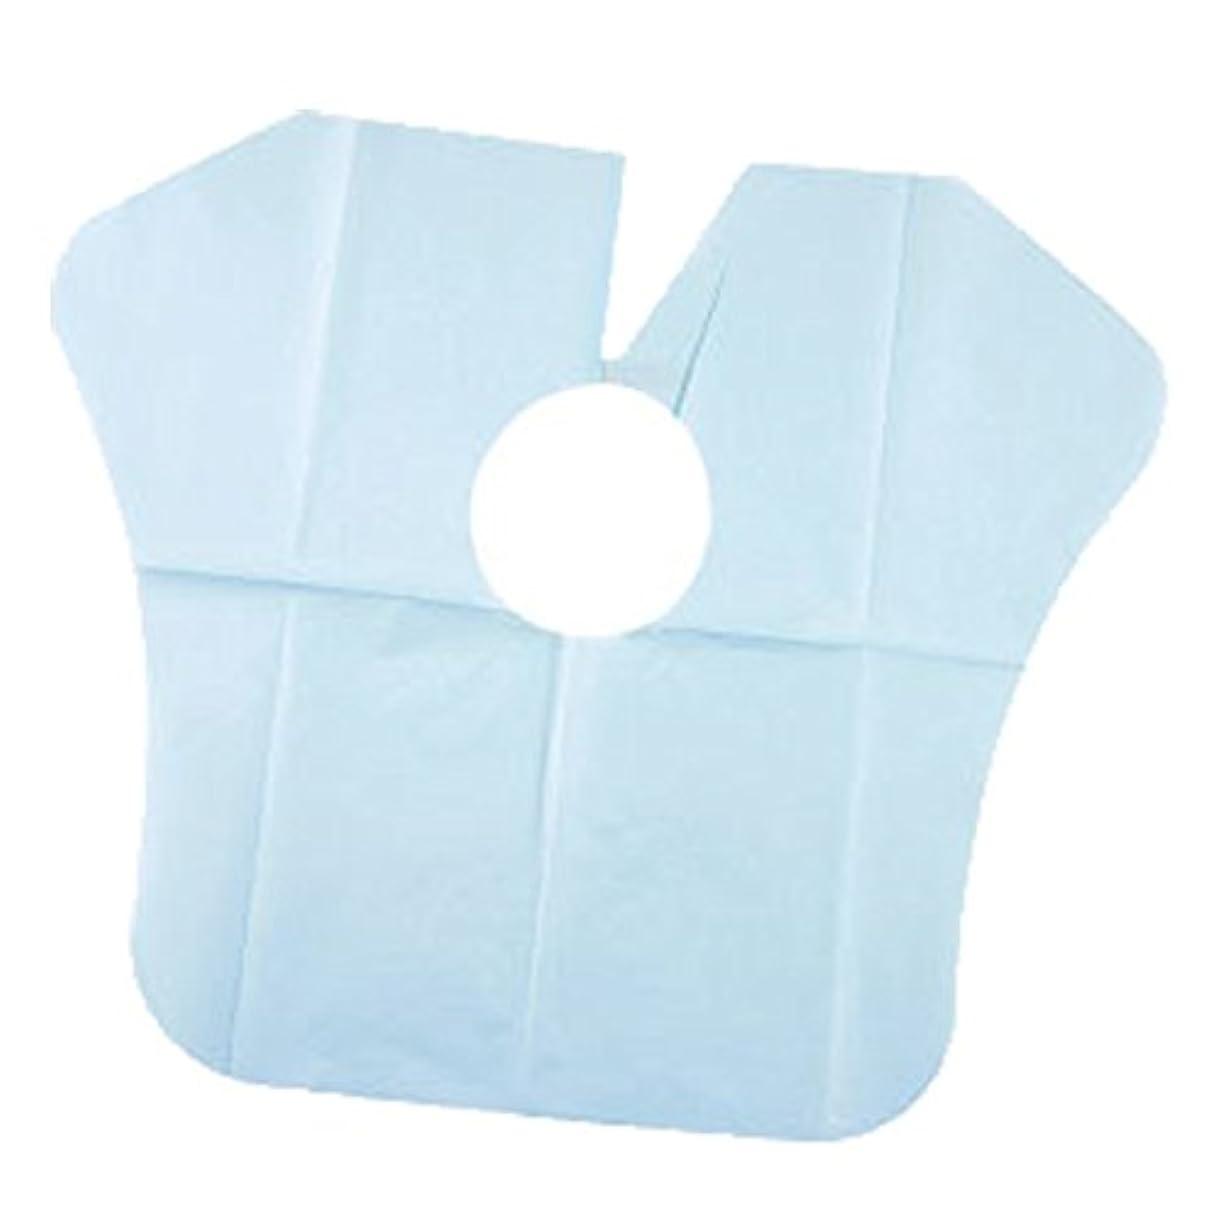 ありがたい帰るマルクス主義ヨネコ ペーパーケープ 30枚入 不織布 ヘアダイクロスを汚れから守ります! YONECO